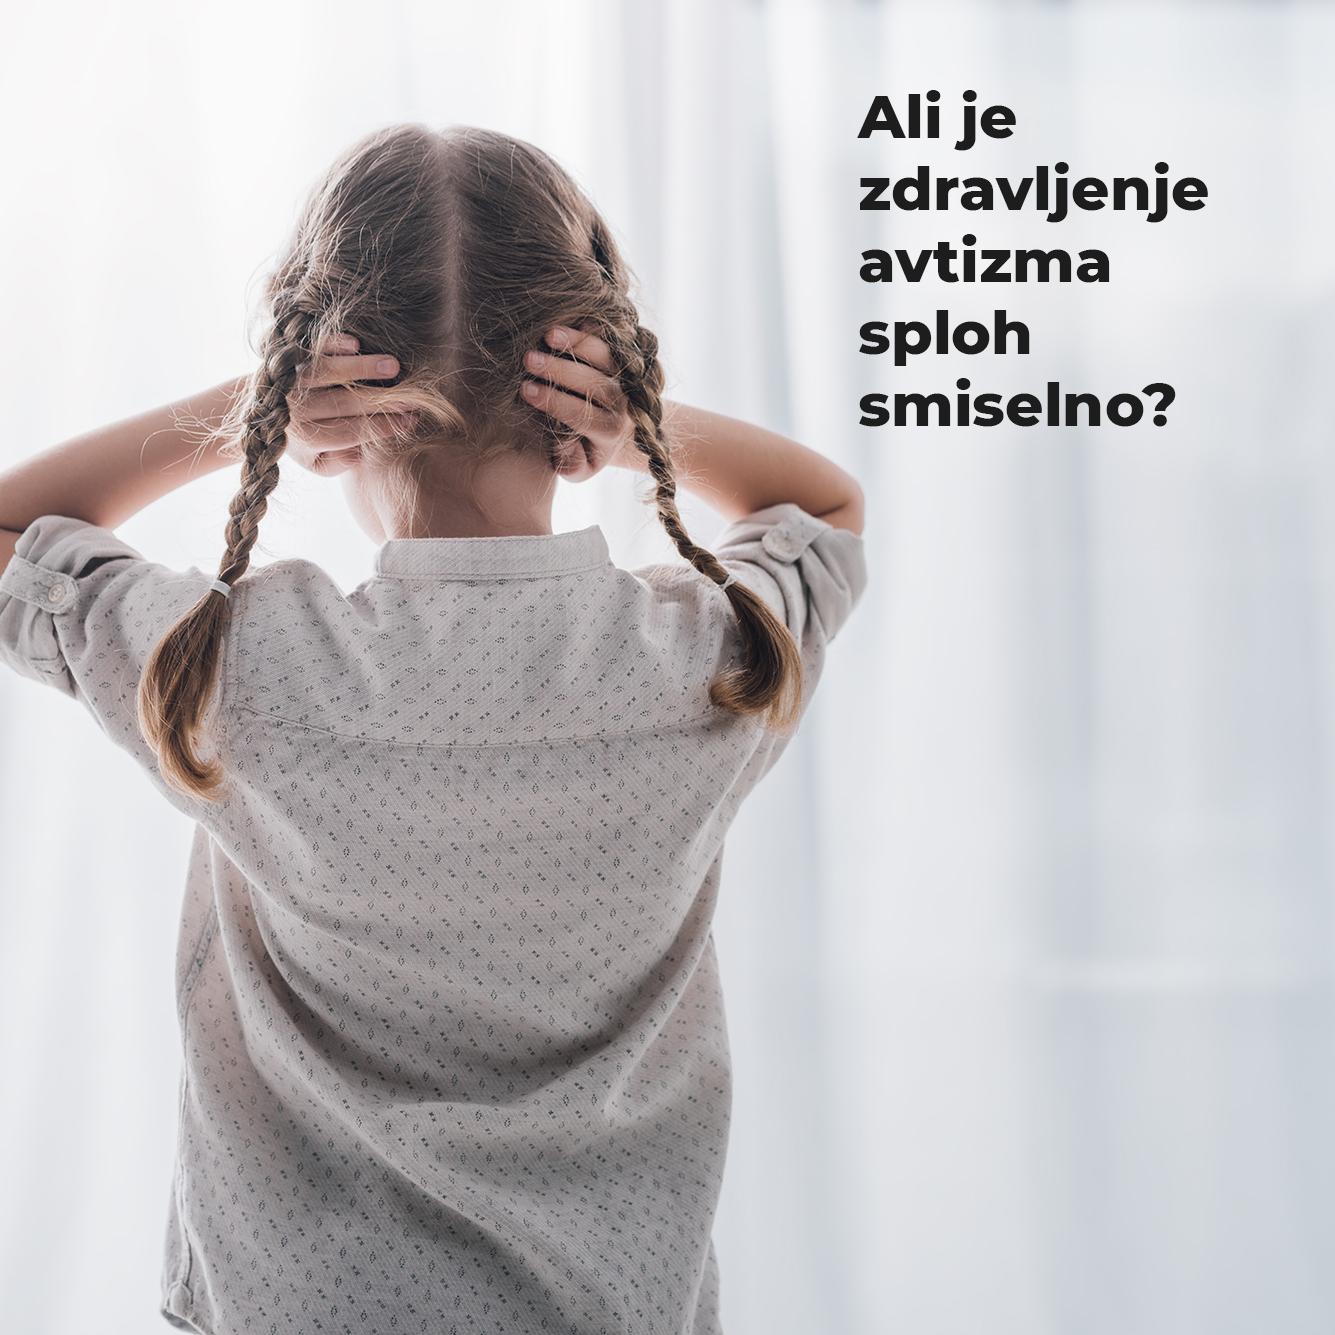 Objave v medijih in izkušnje z RENS H - Slovenska skupnost